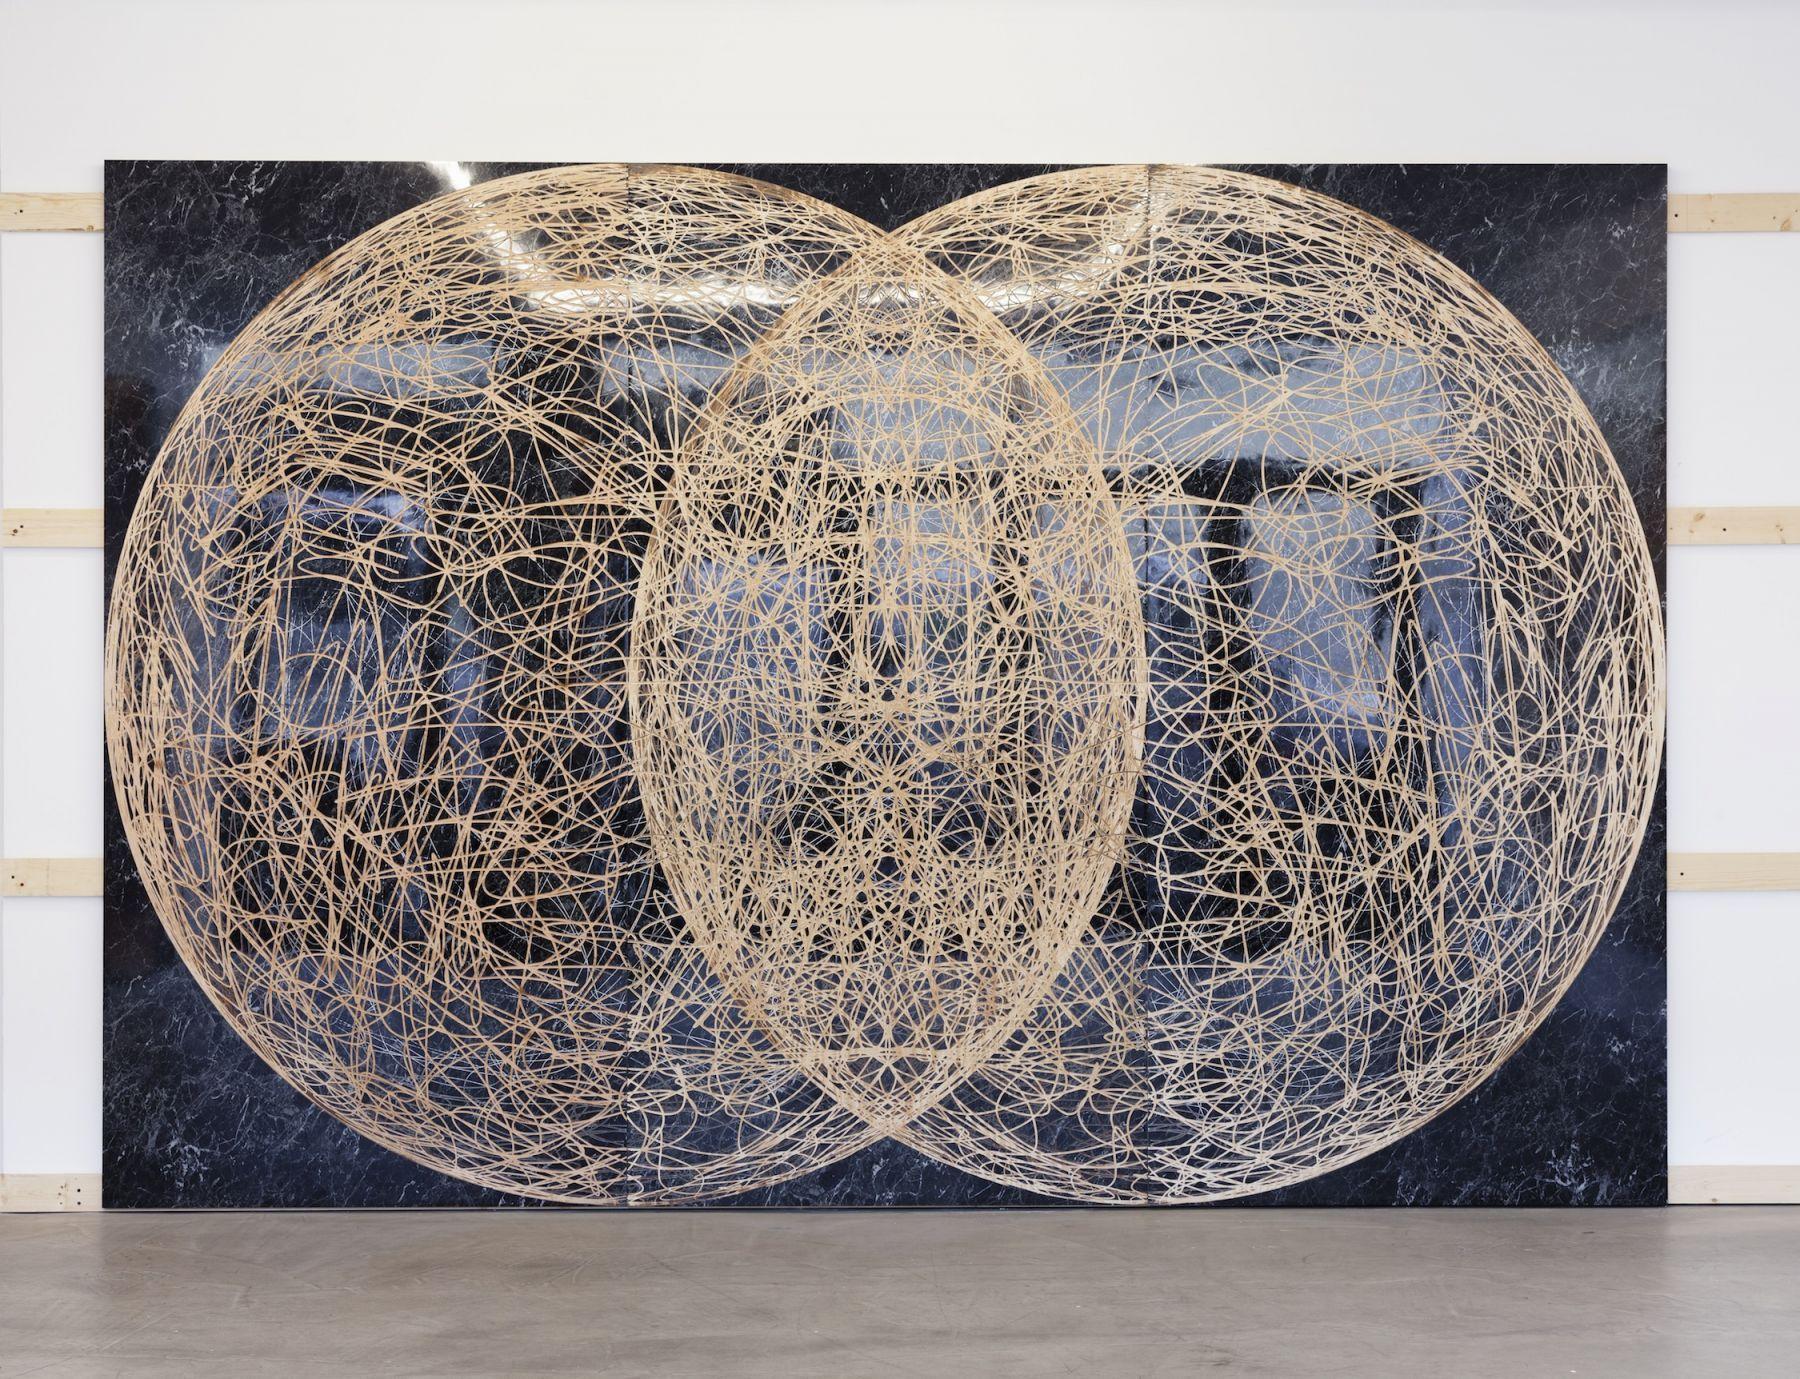 Michael DeLucia Space Balls